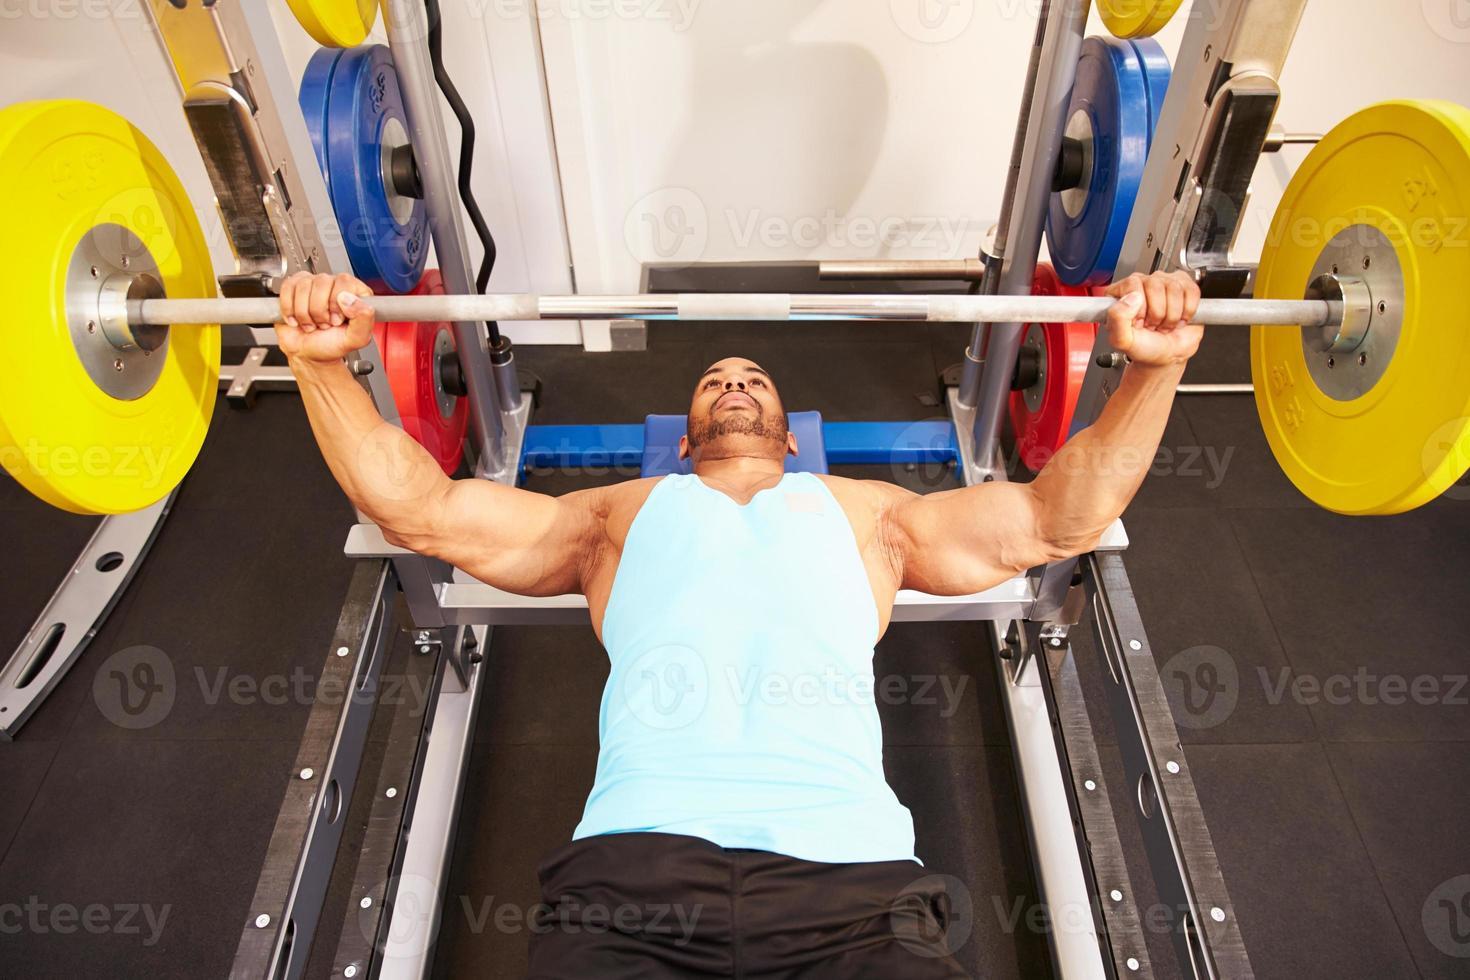 uomo che flette i muscoli mentre panca premendo i pesi in una palestra foto